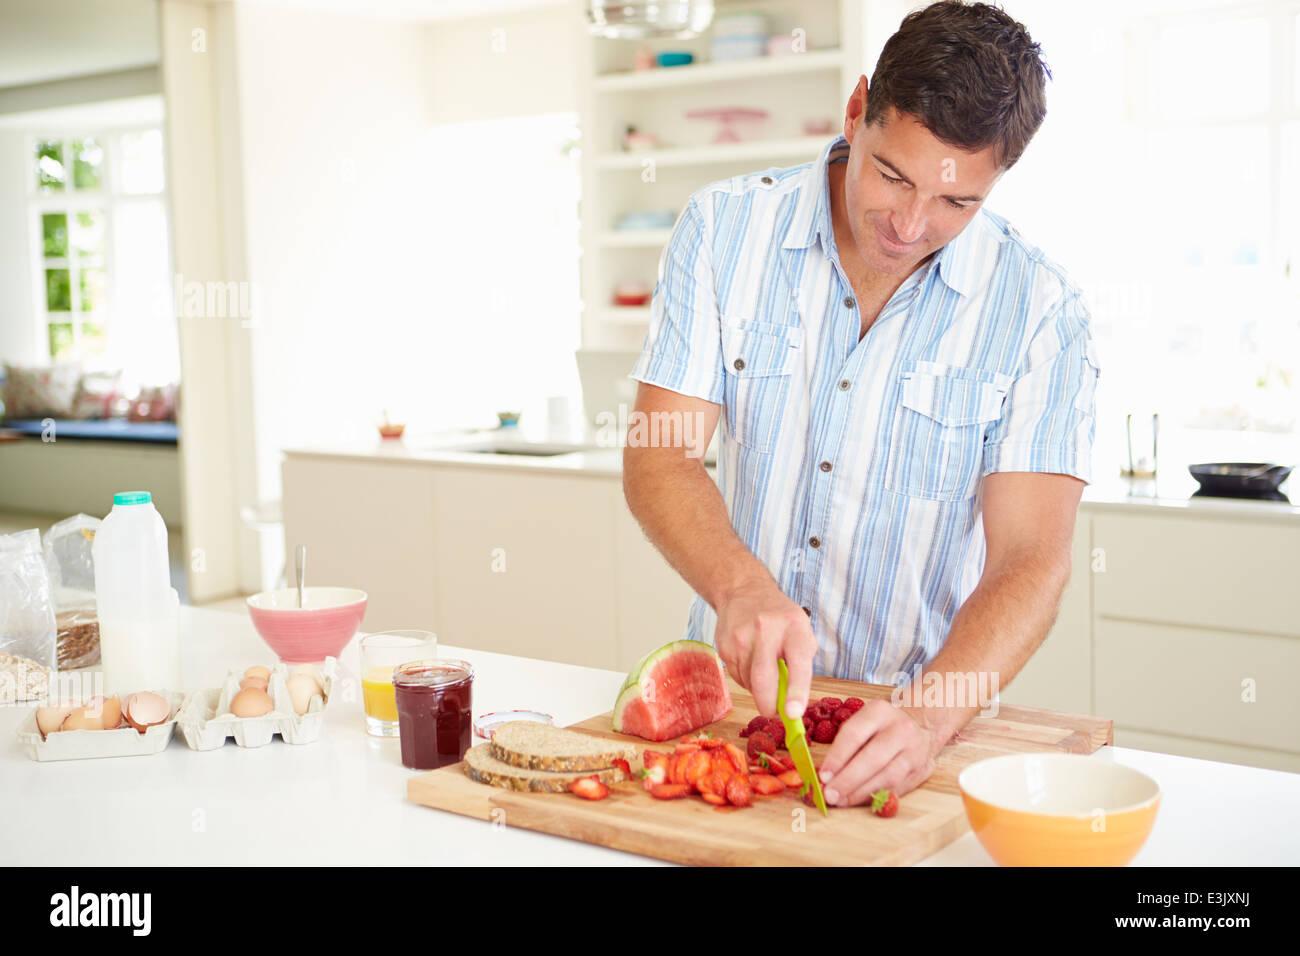 Mann bereitet gesundes Frühstück In der Küche Stockbild